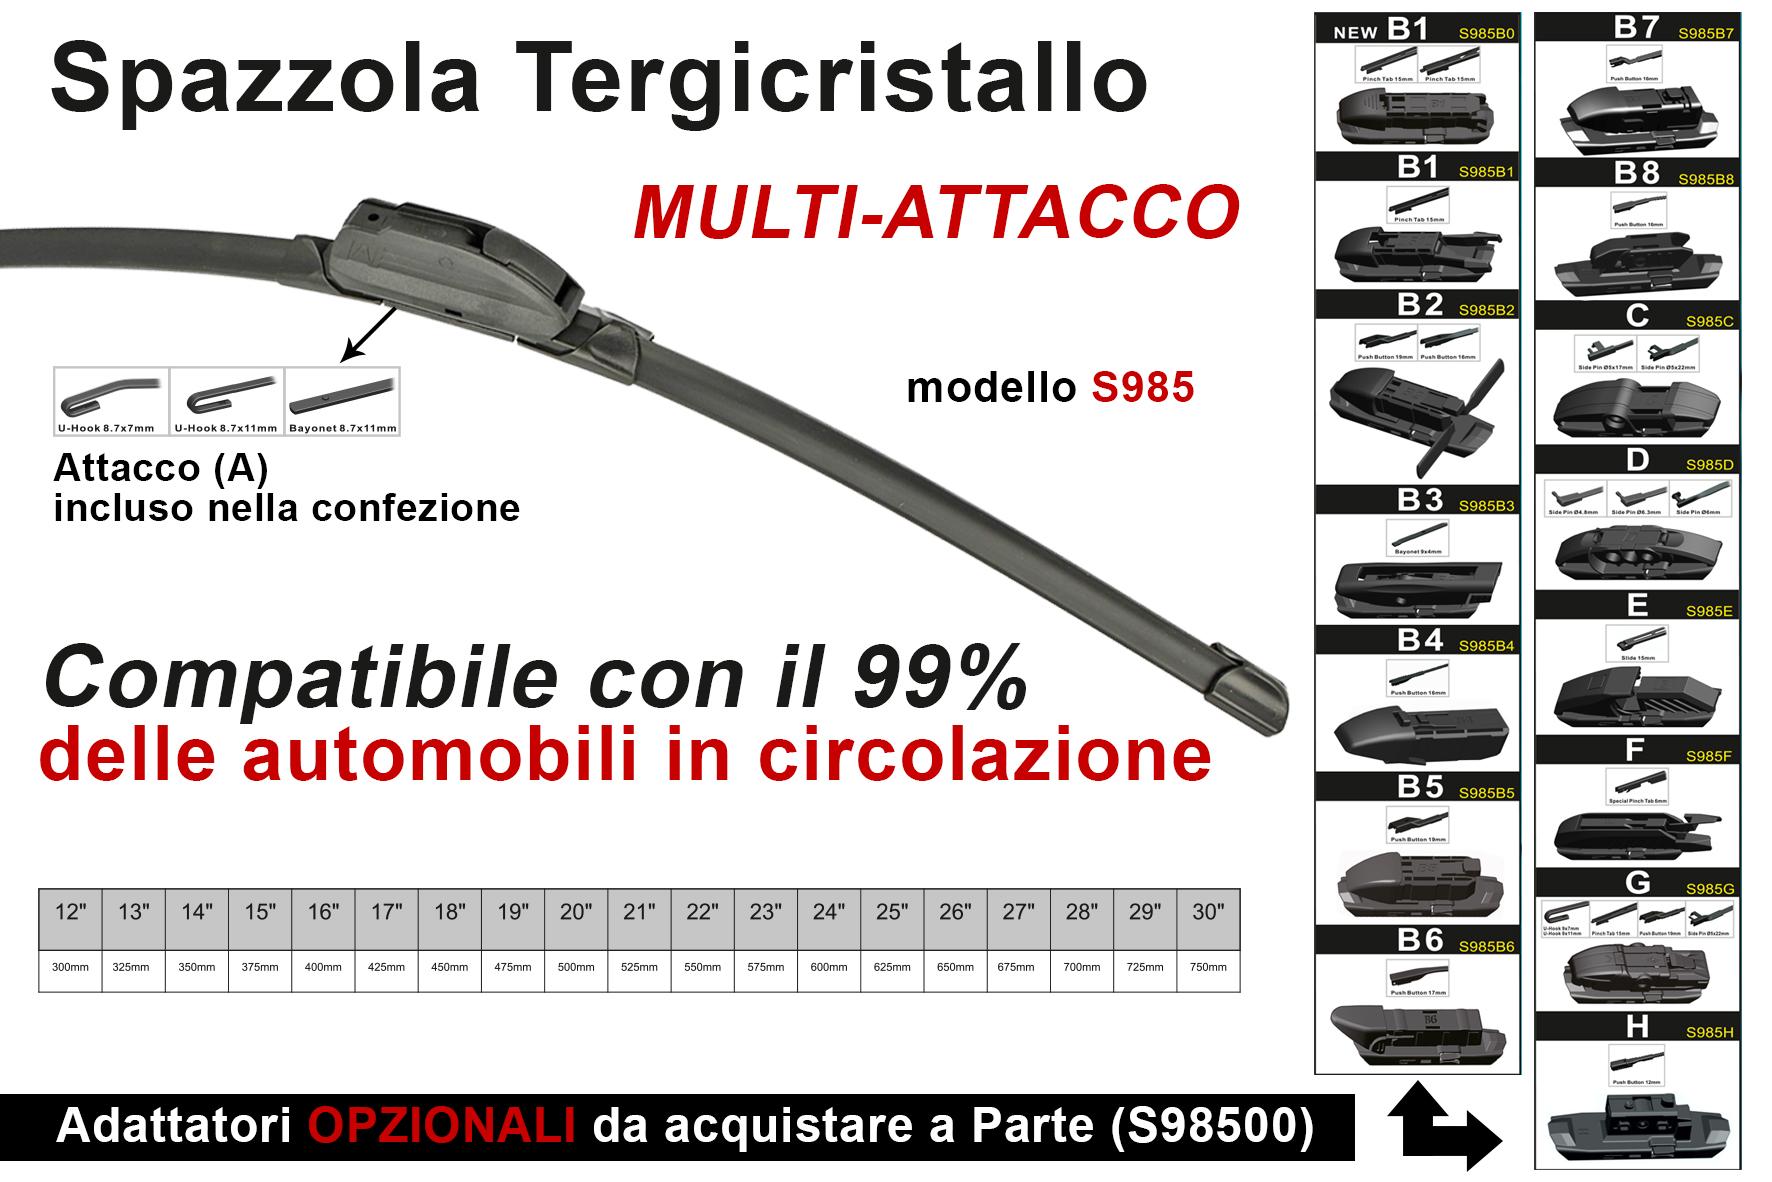 Spazzola Tergicristallo Auto Universale S985 17`` 425mm Carall 16 Attacchi Opzionale - PZ